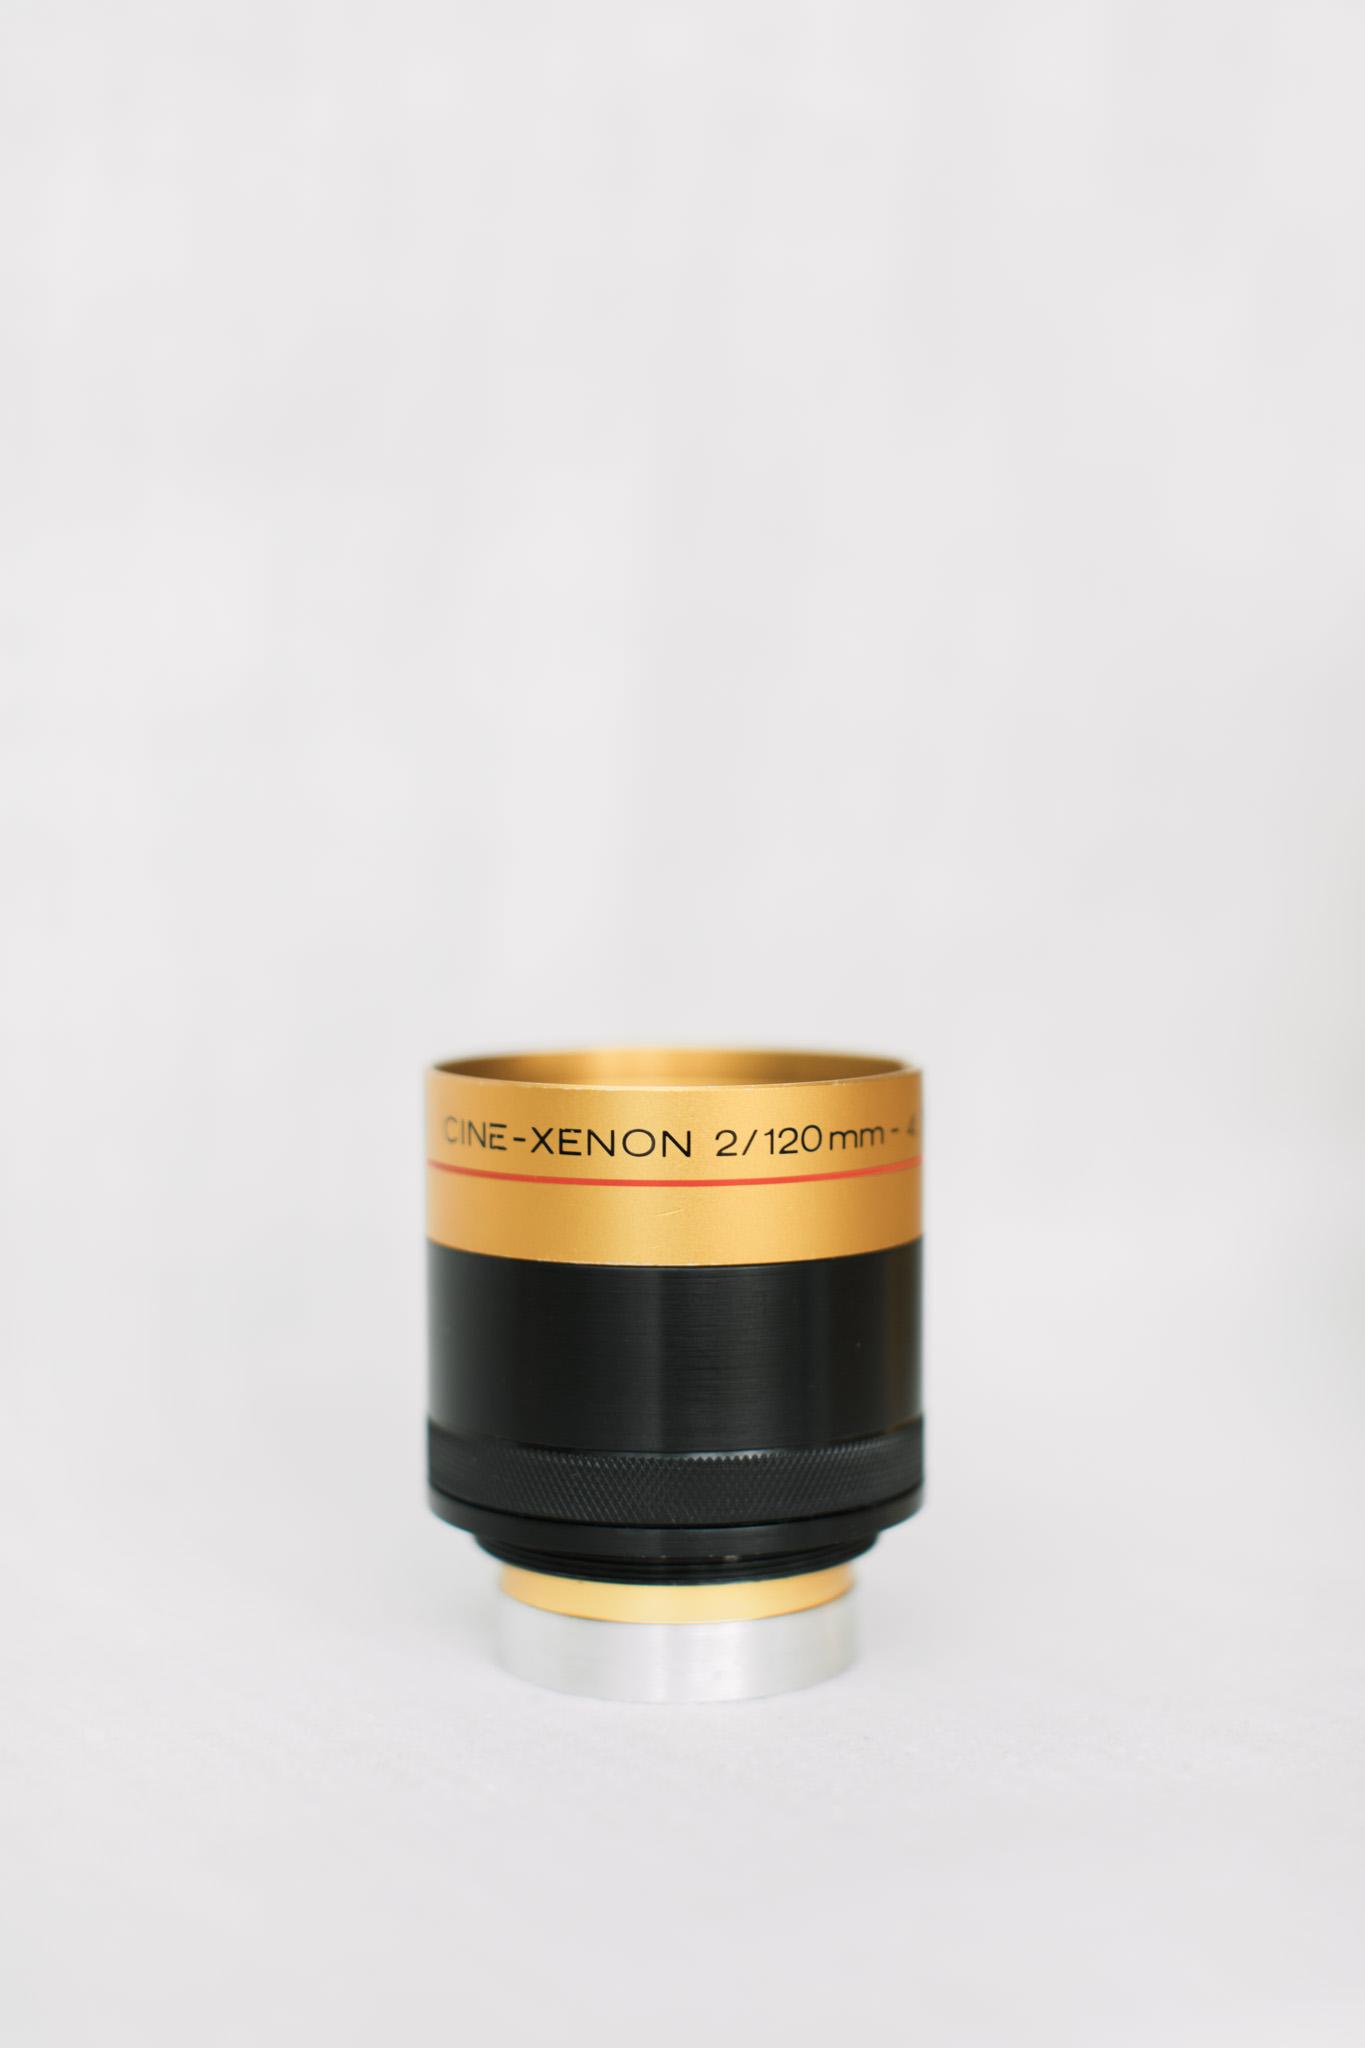 Schneider Cine-Xenon 120mm f/2 with aperture added